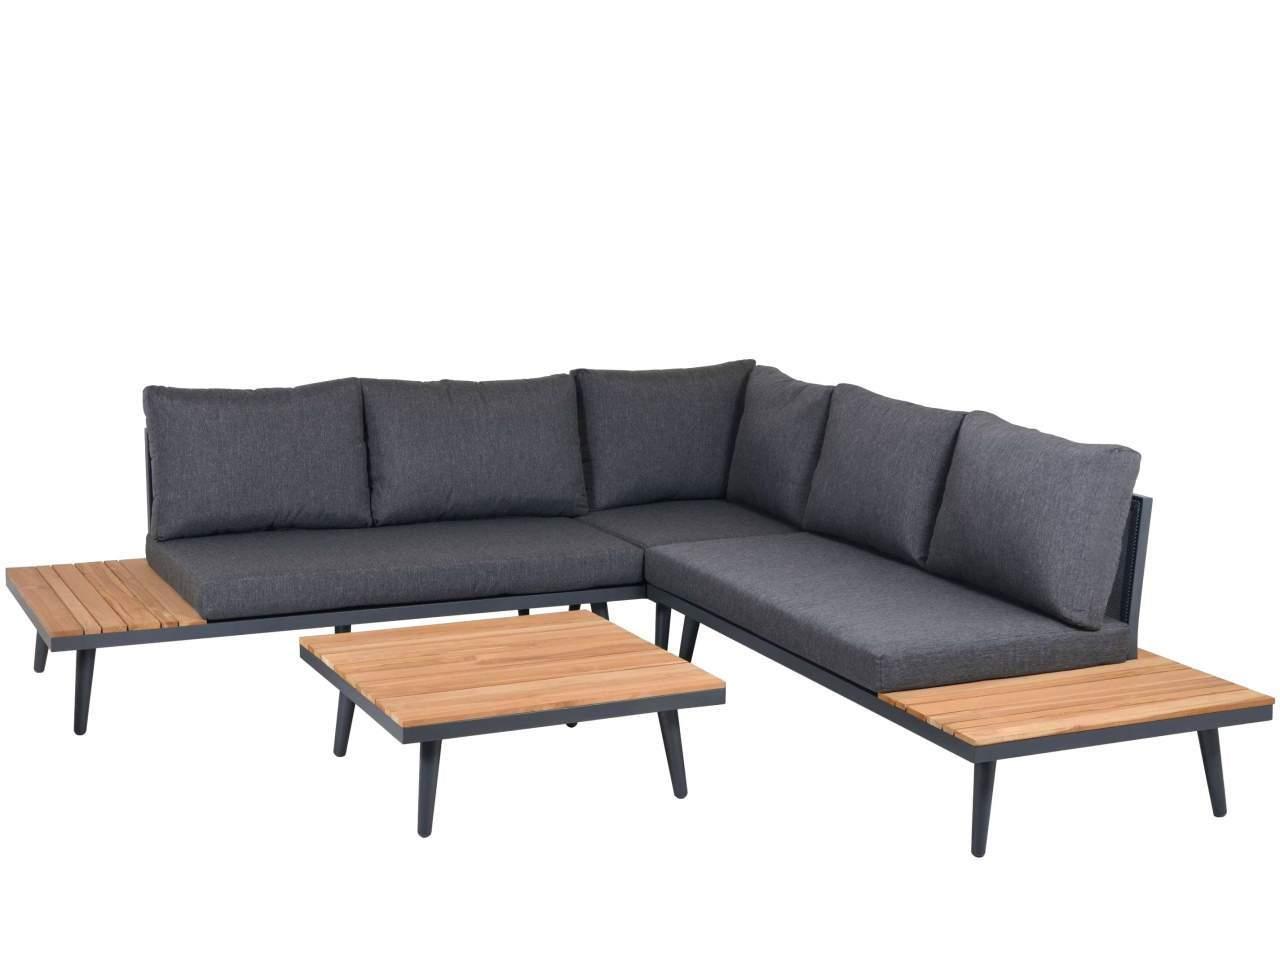 Holz Spielhaus Für Garten Frisch 35 Luxus Couch Garten Einzigartig